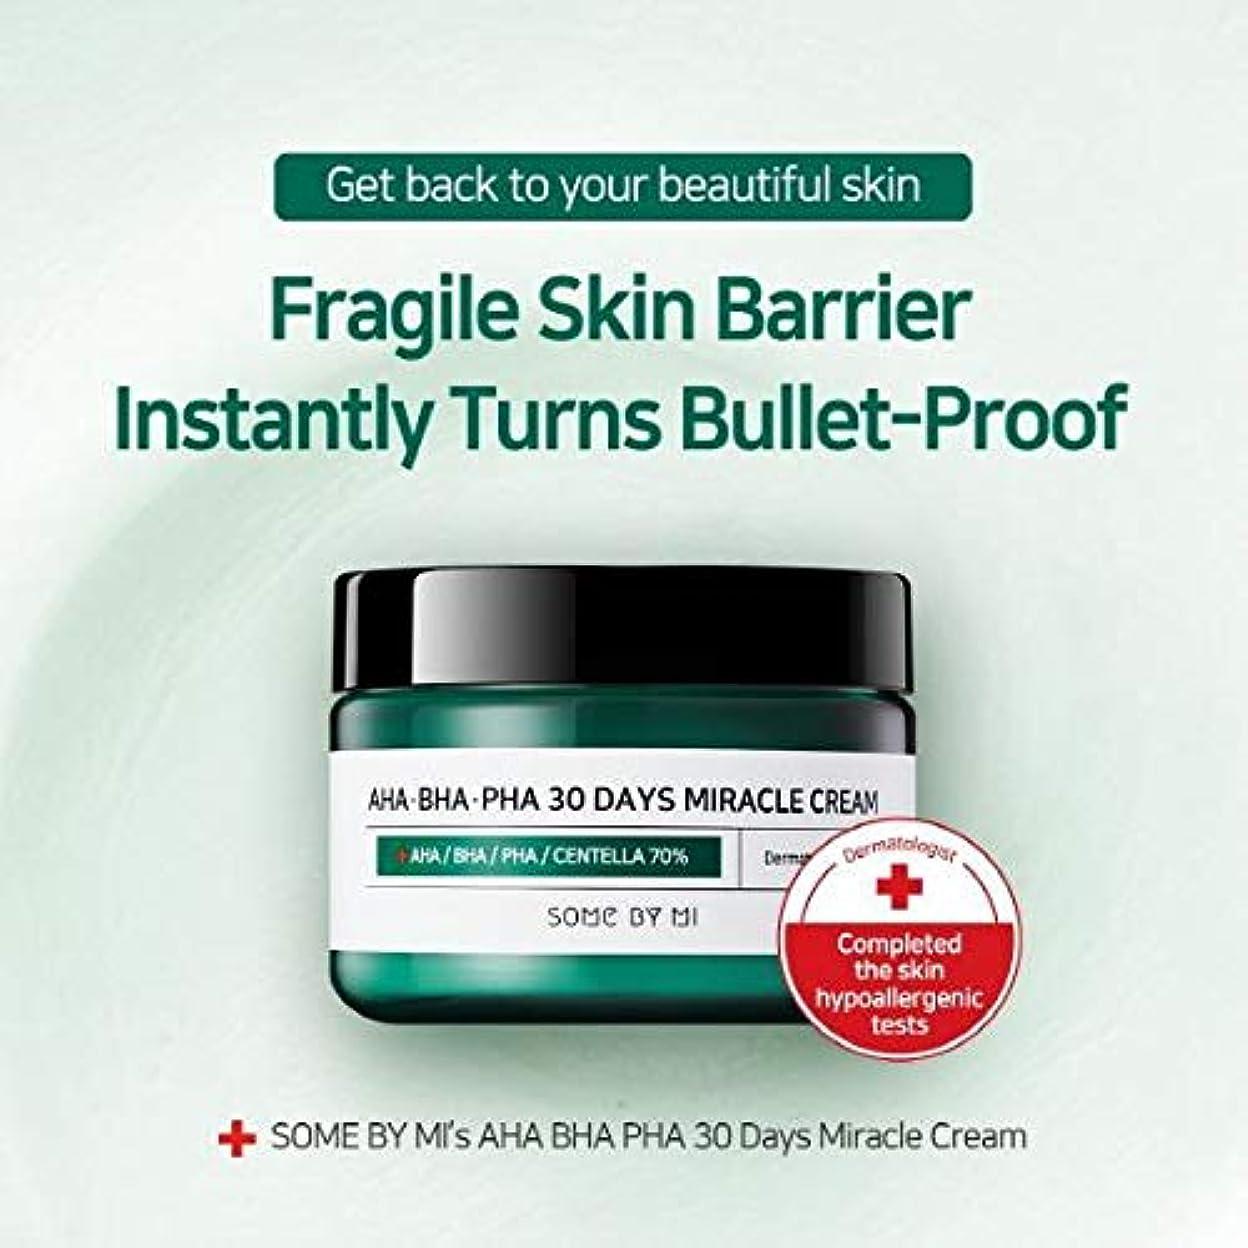 つぶす石の飲料Somebymi AHA BHA PHA Miracle Cream 50ml (1.7oz) Skin Barrier & Recovery, Soothing with Tea Tree 10,000ppm for Wrinkle & Whitening/Korea Cosmetics [並行輸入品]